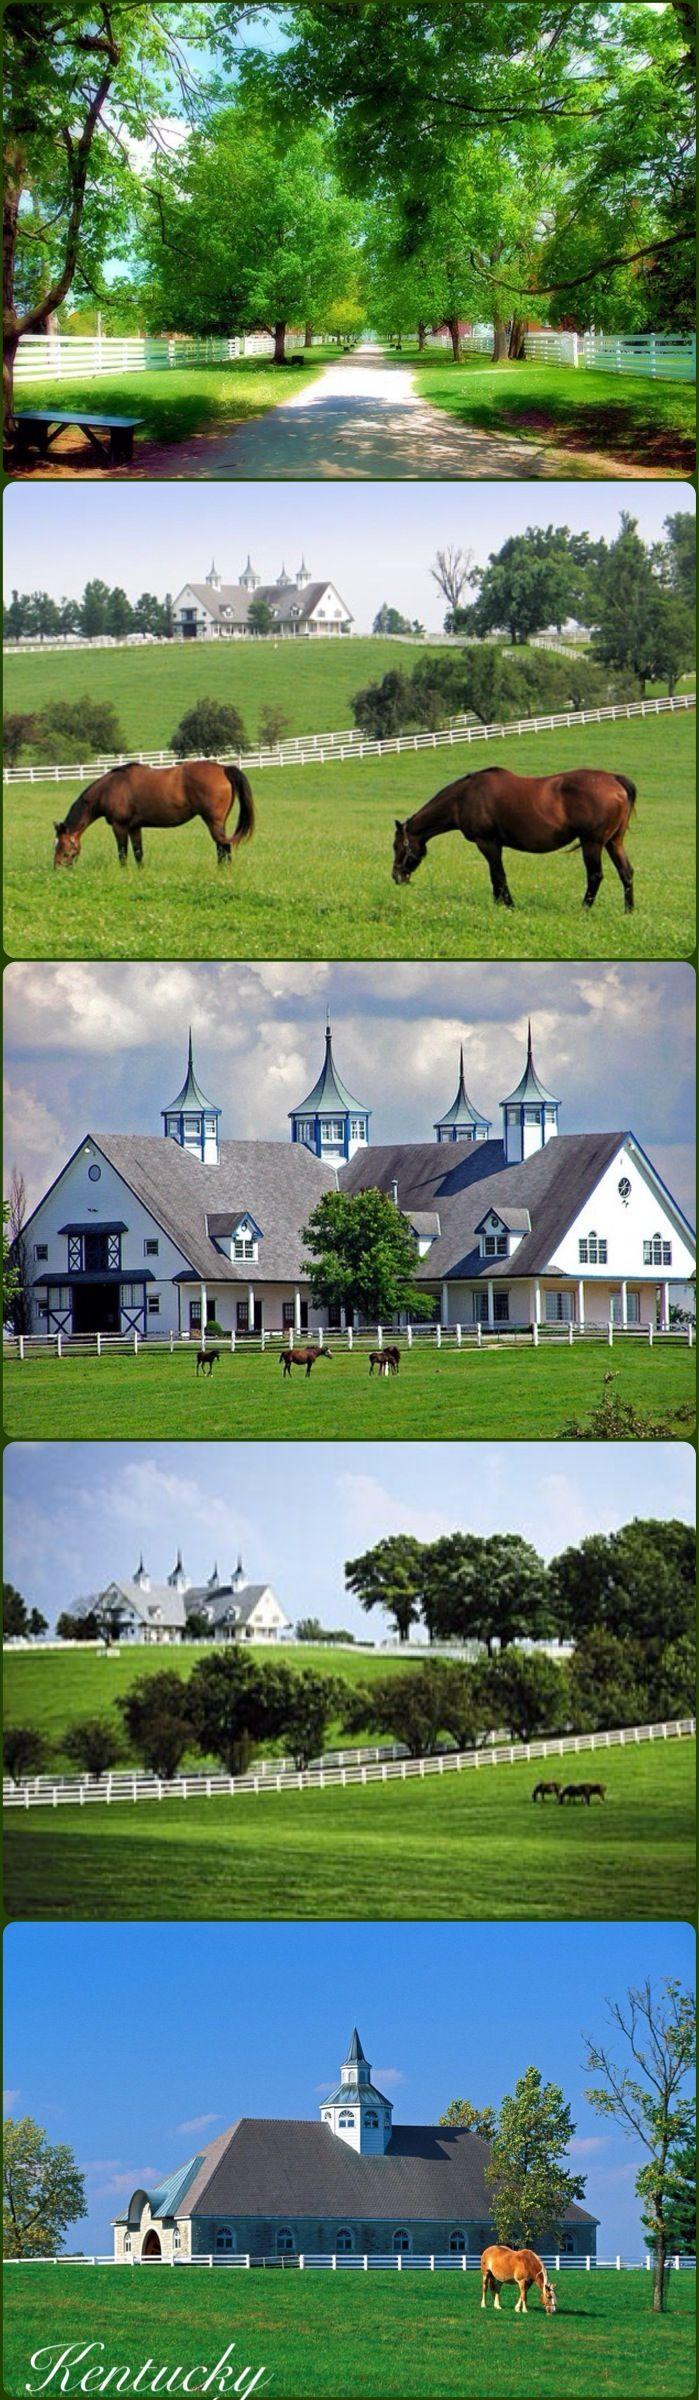 Crib for sale louisville ky - Kentucky Fha Kentucky First Time Home Buyer Kentucky Housing Corporation Kentucky Hud Homes